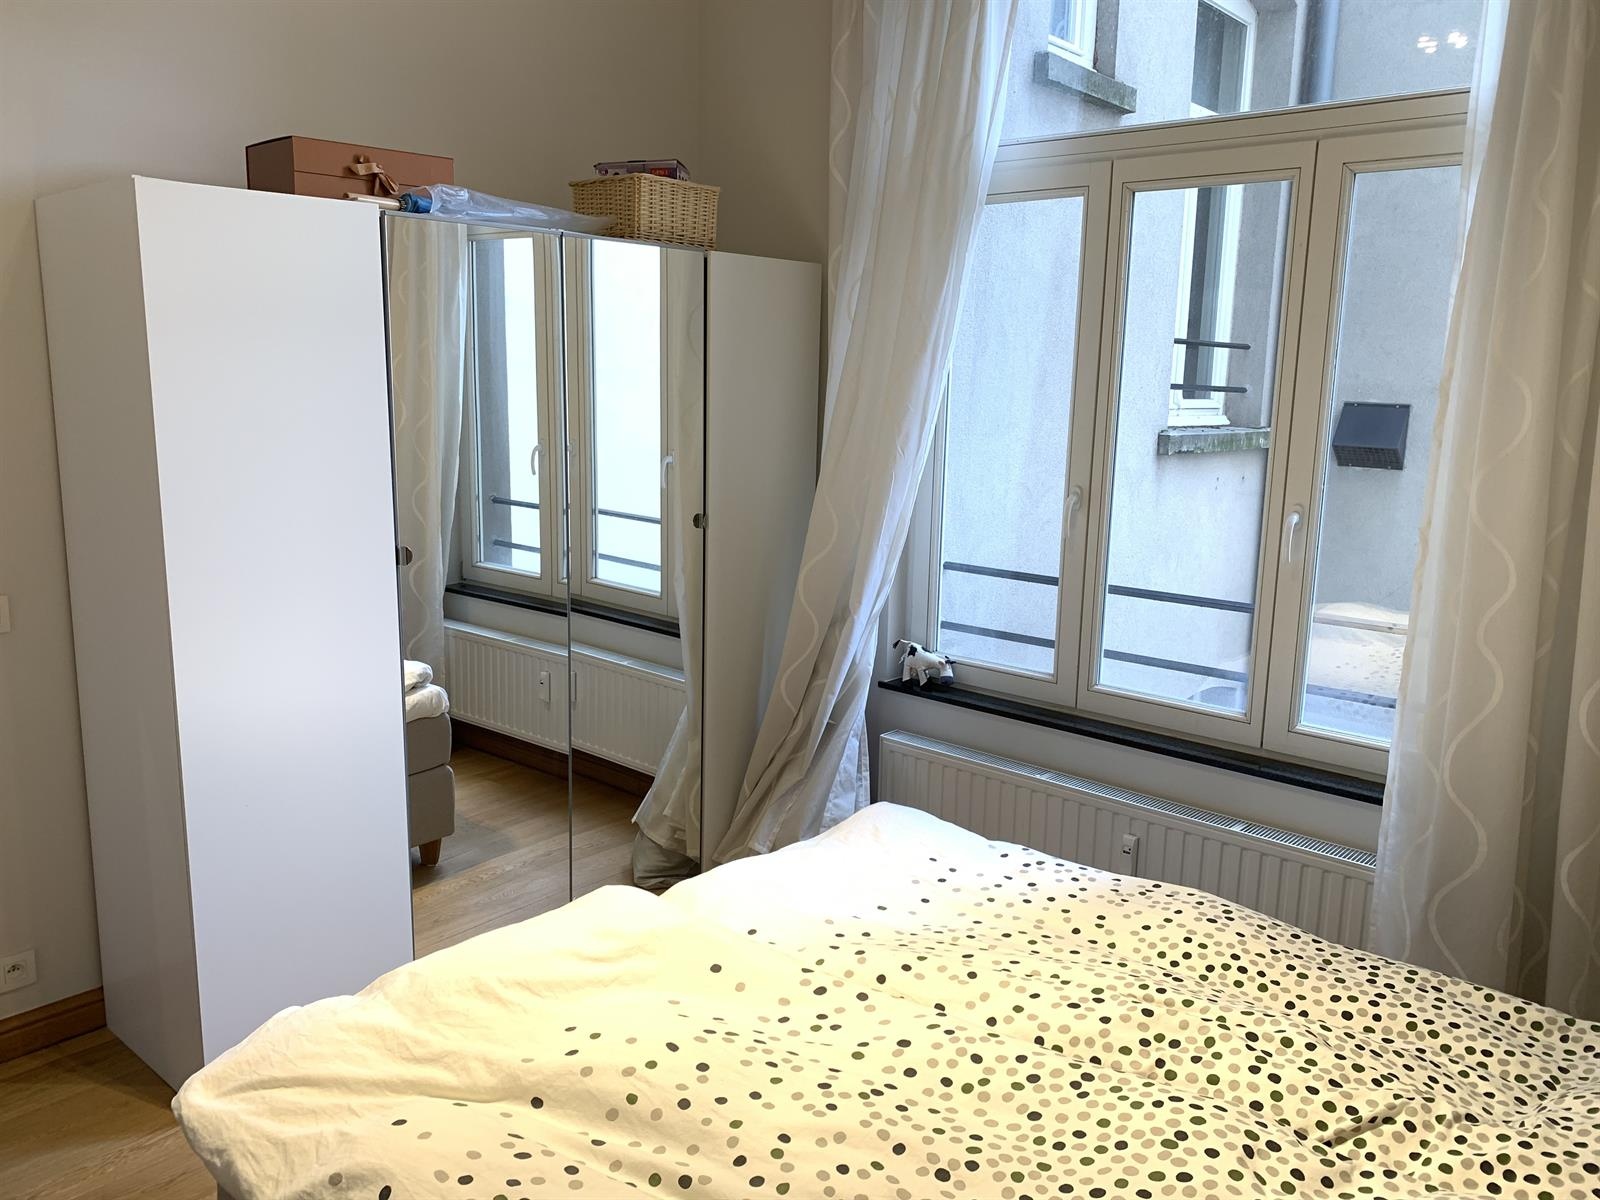 Appartement exceptionnel - Bruxelles - #4094385-46